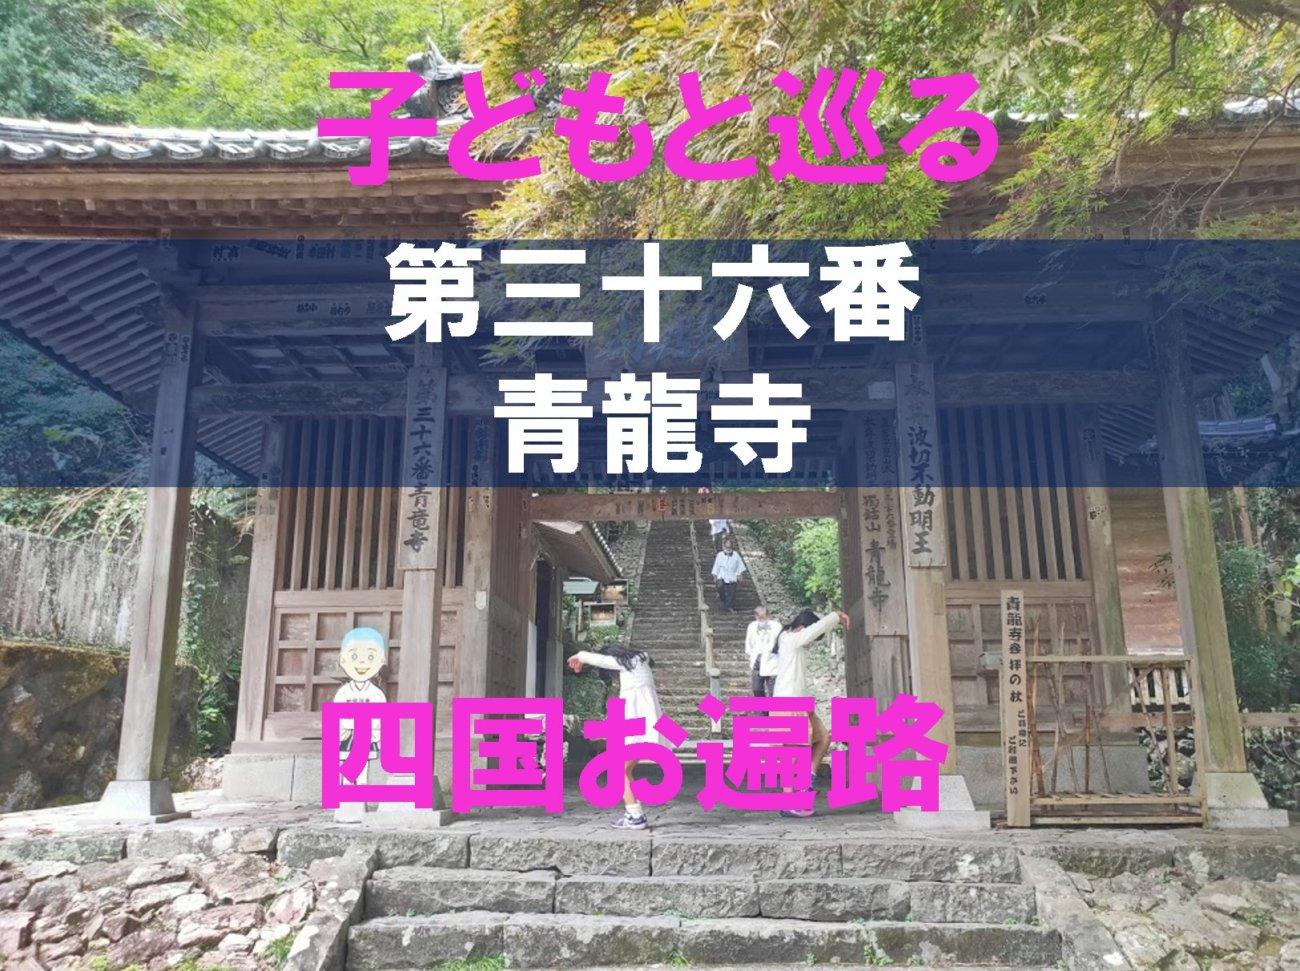 37番岩本寺のアイキャッチ画像